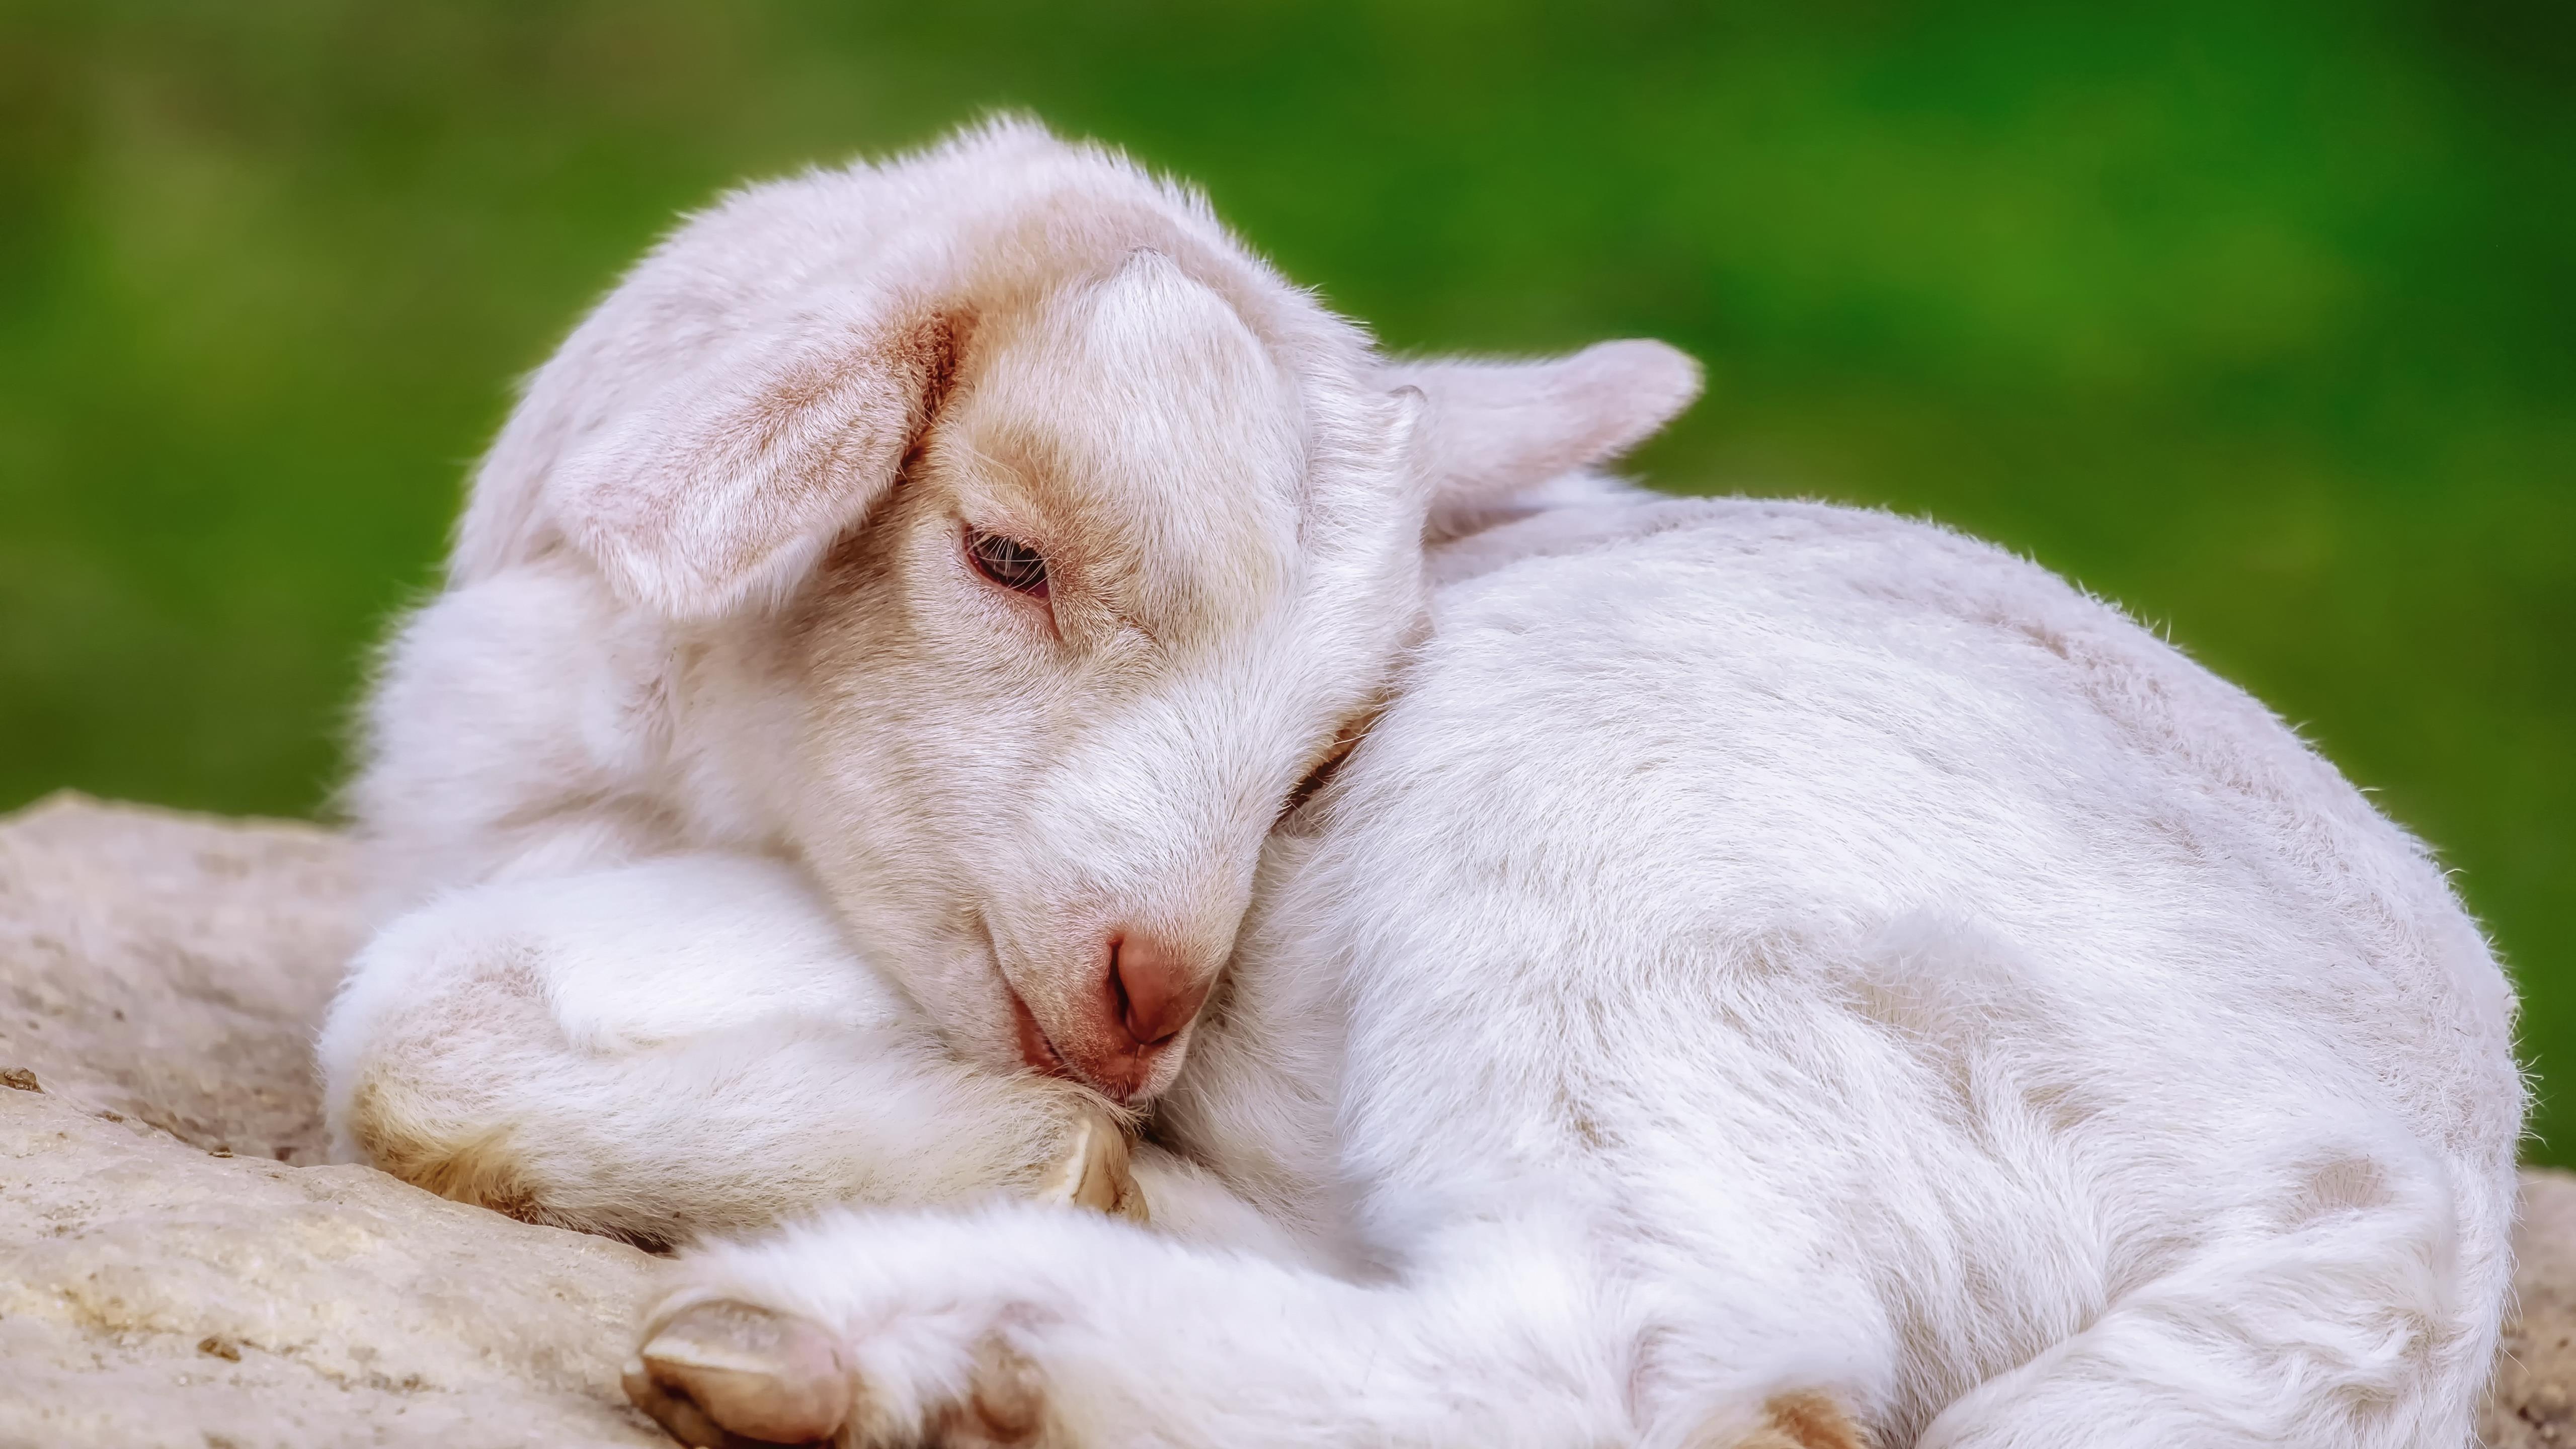 Животное коза животные обои скачать